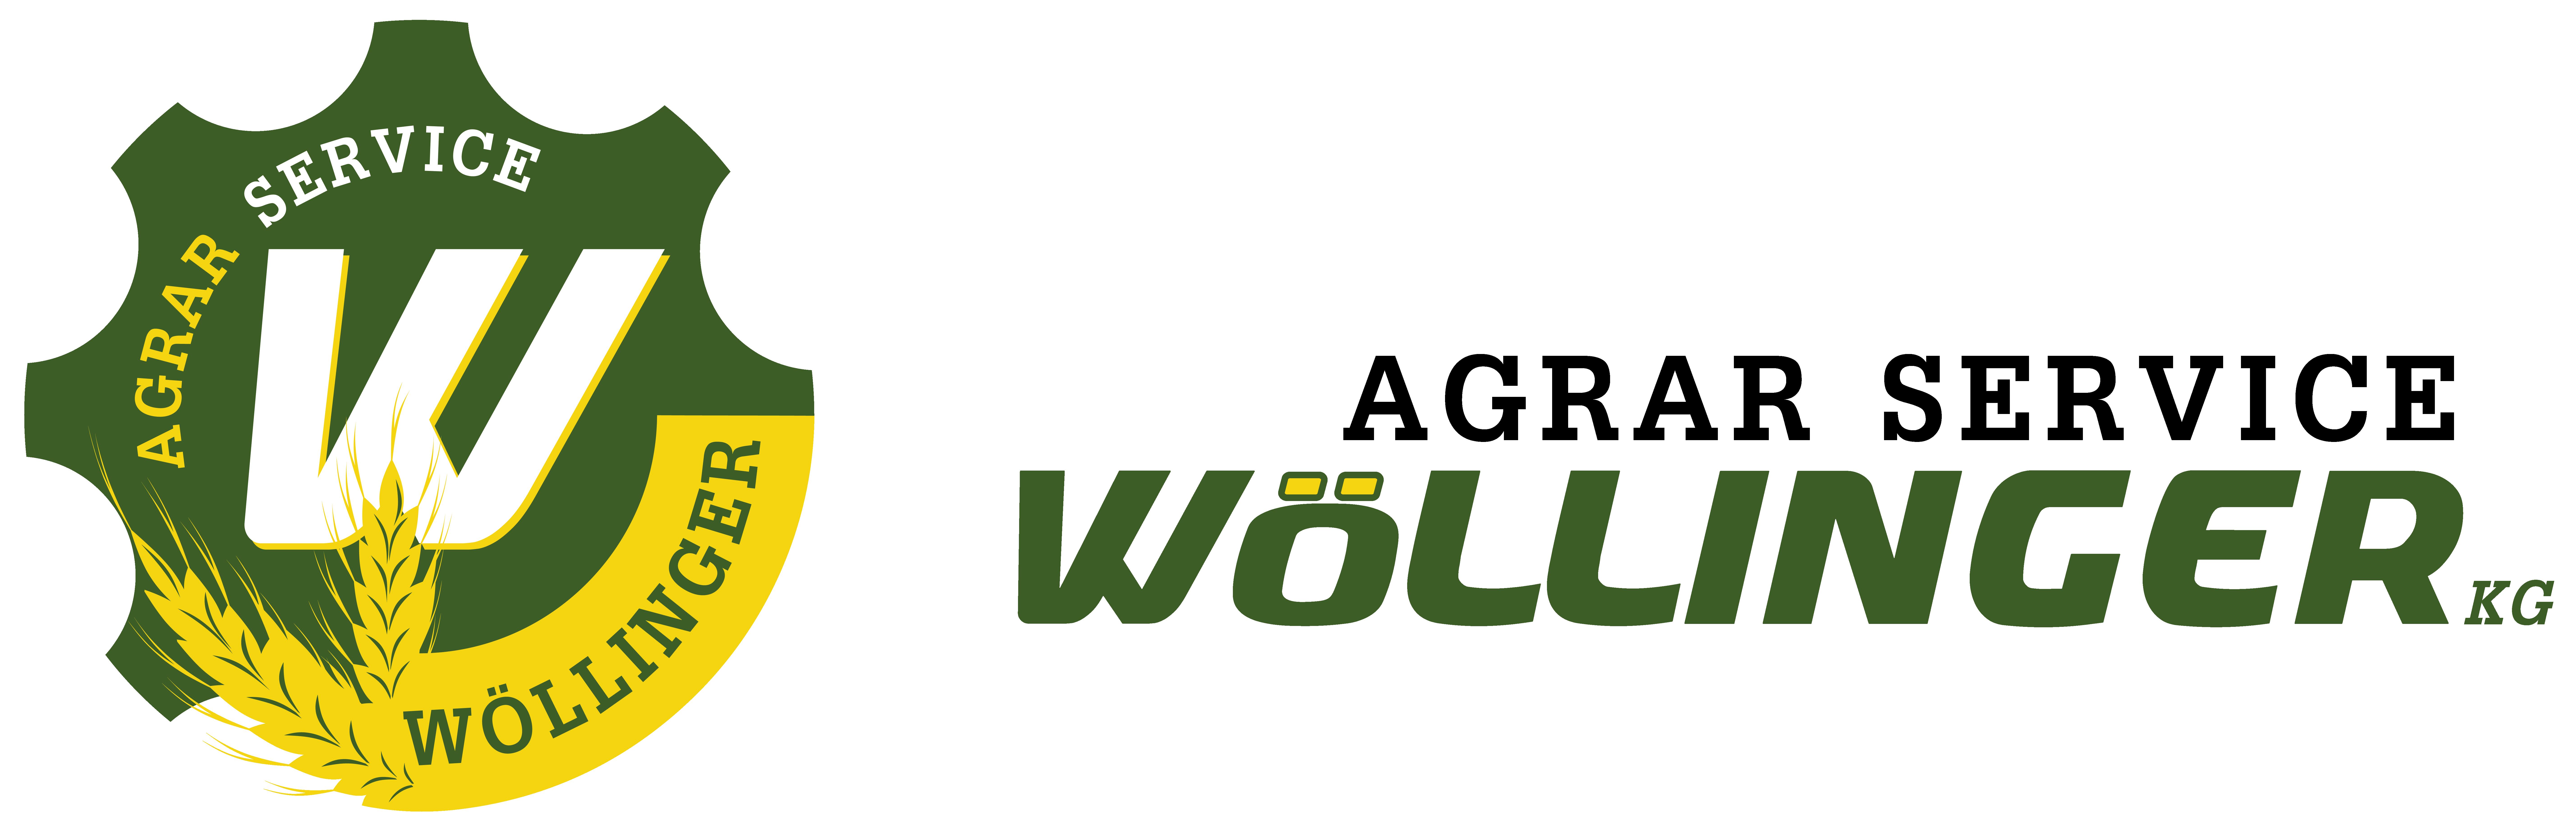 Agrar Service Wöllinger aus Hohenzell Oberösterreich | Sie wollen mehr aus Ihrer Ernte machen? Ob Düngen, Ernte, Miststreuen, Transporte oder jegliche weitere Arbeit, wir stehen Ihnen jederzeit gerne zur Verfügung!